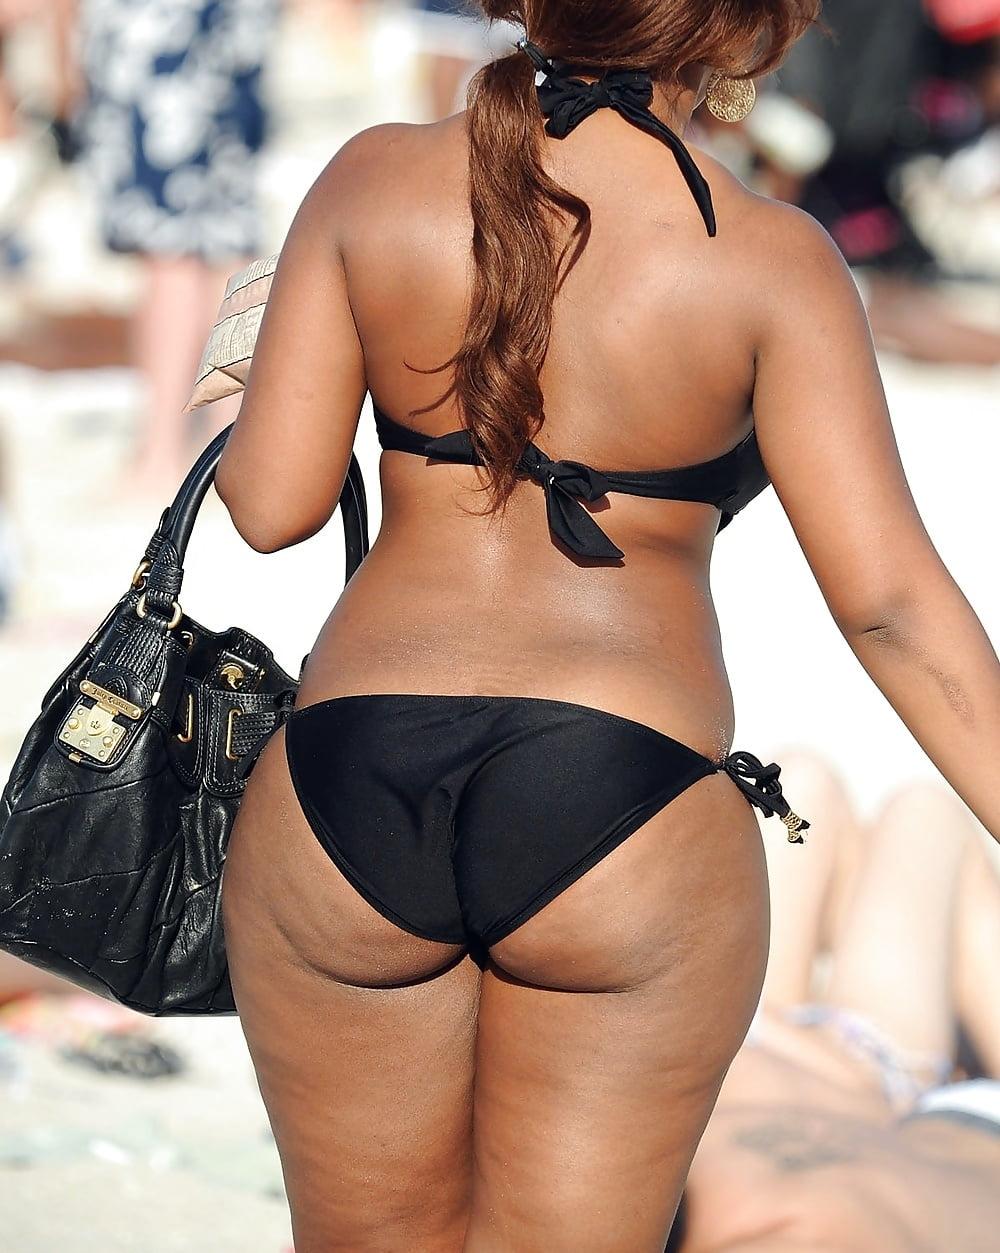 filecr-fat-butt-bikini-naughty